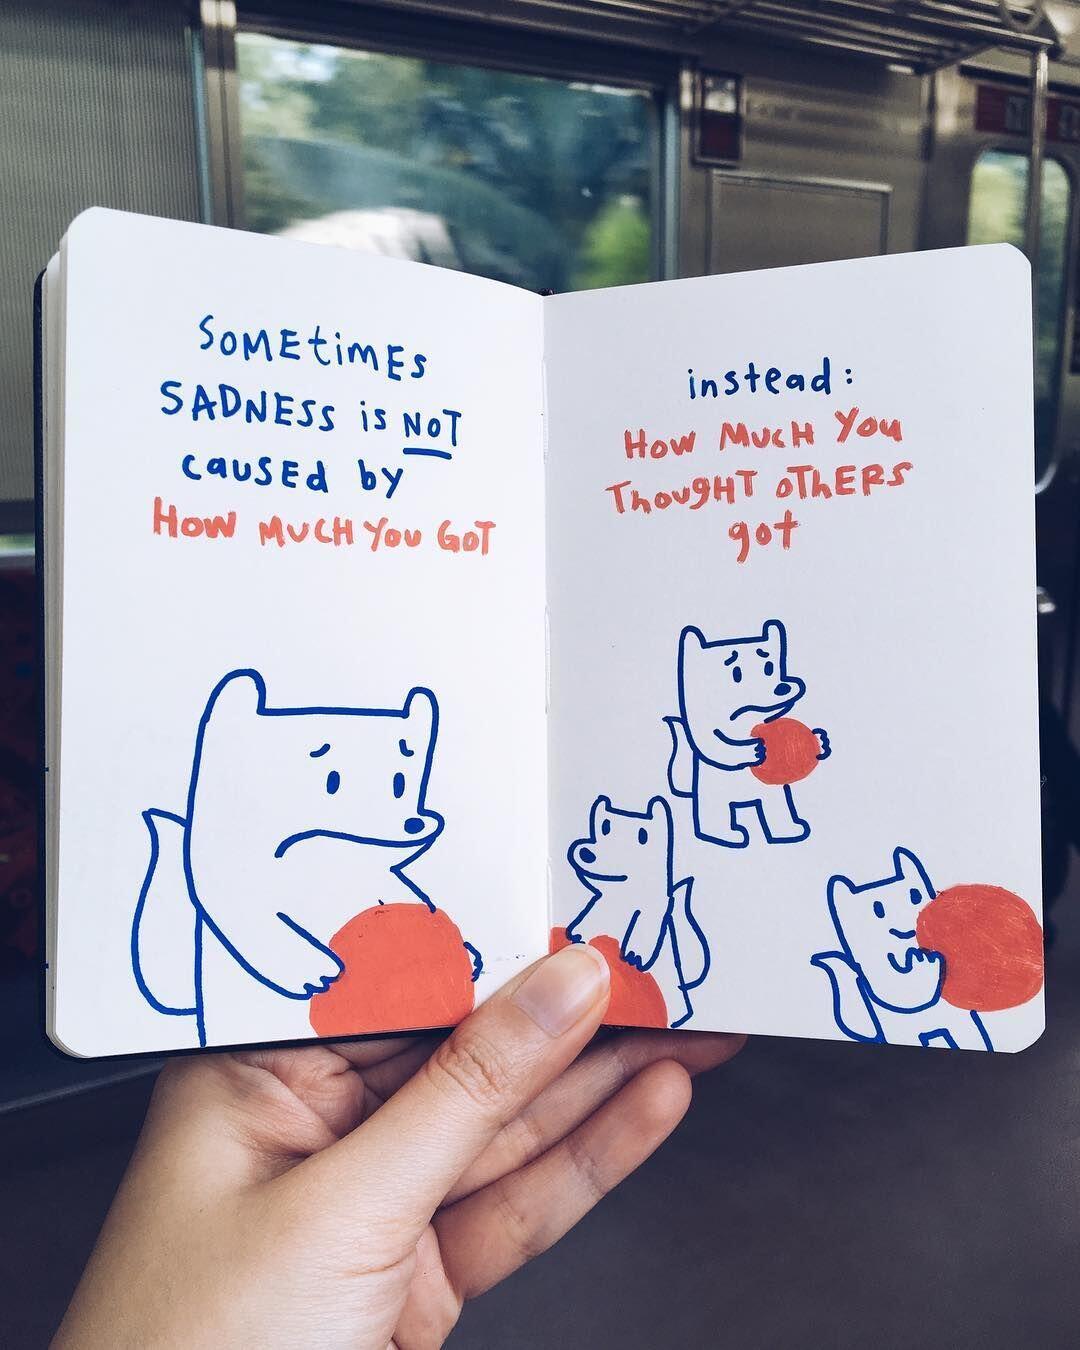 11 Ilustrasi Sederhana Ini Sentil Kehidupan Millennial dengan Akurat